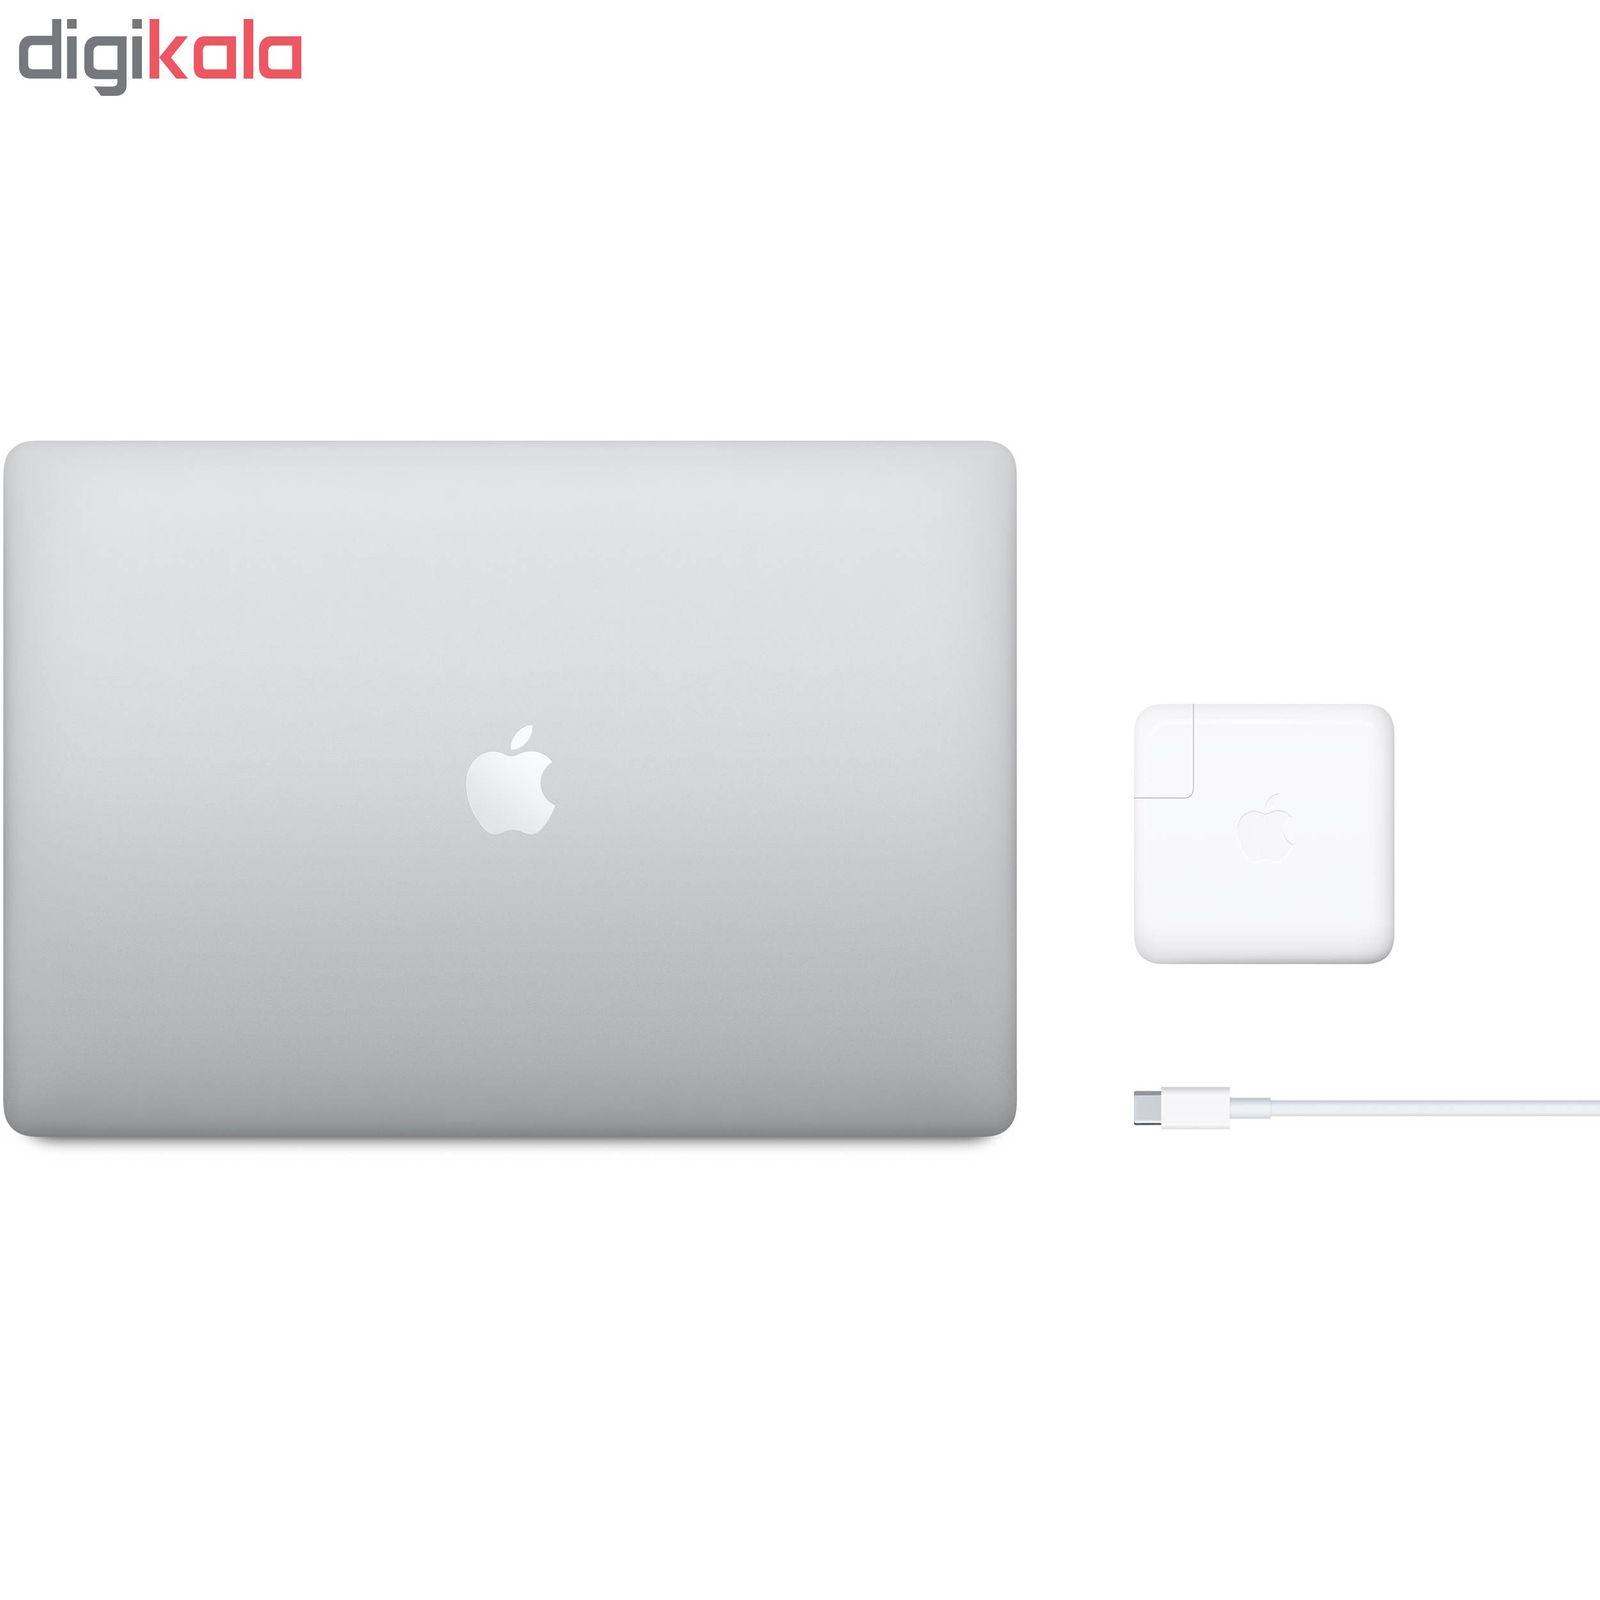 لپ تاپ 16 اینچی اپل مدل MacBook Pro MVVL2 2019 همراه با تاچ بار main 1 6